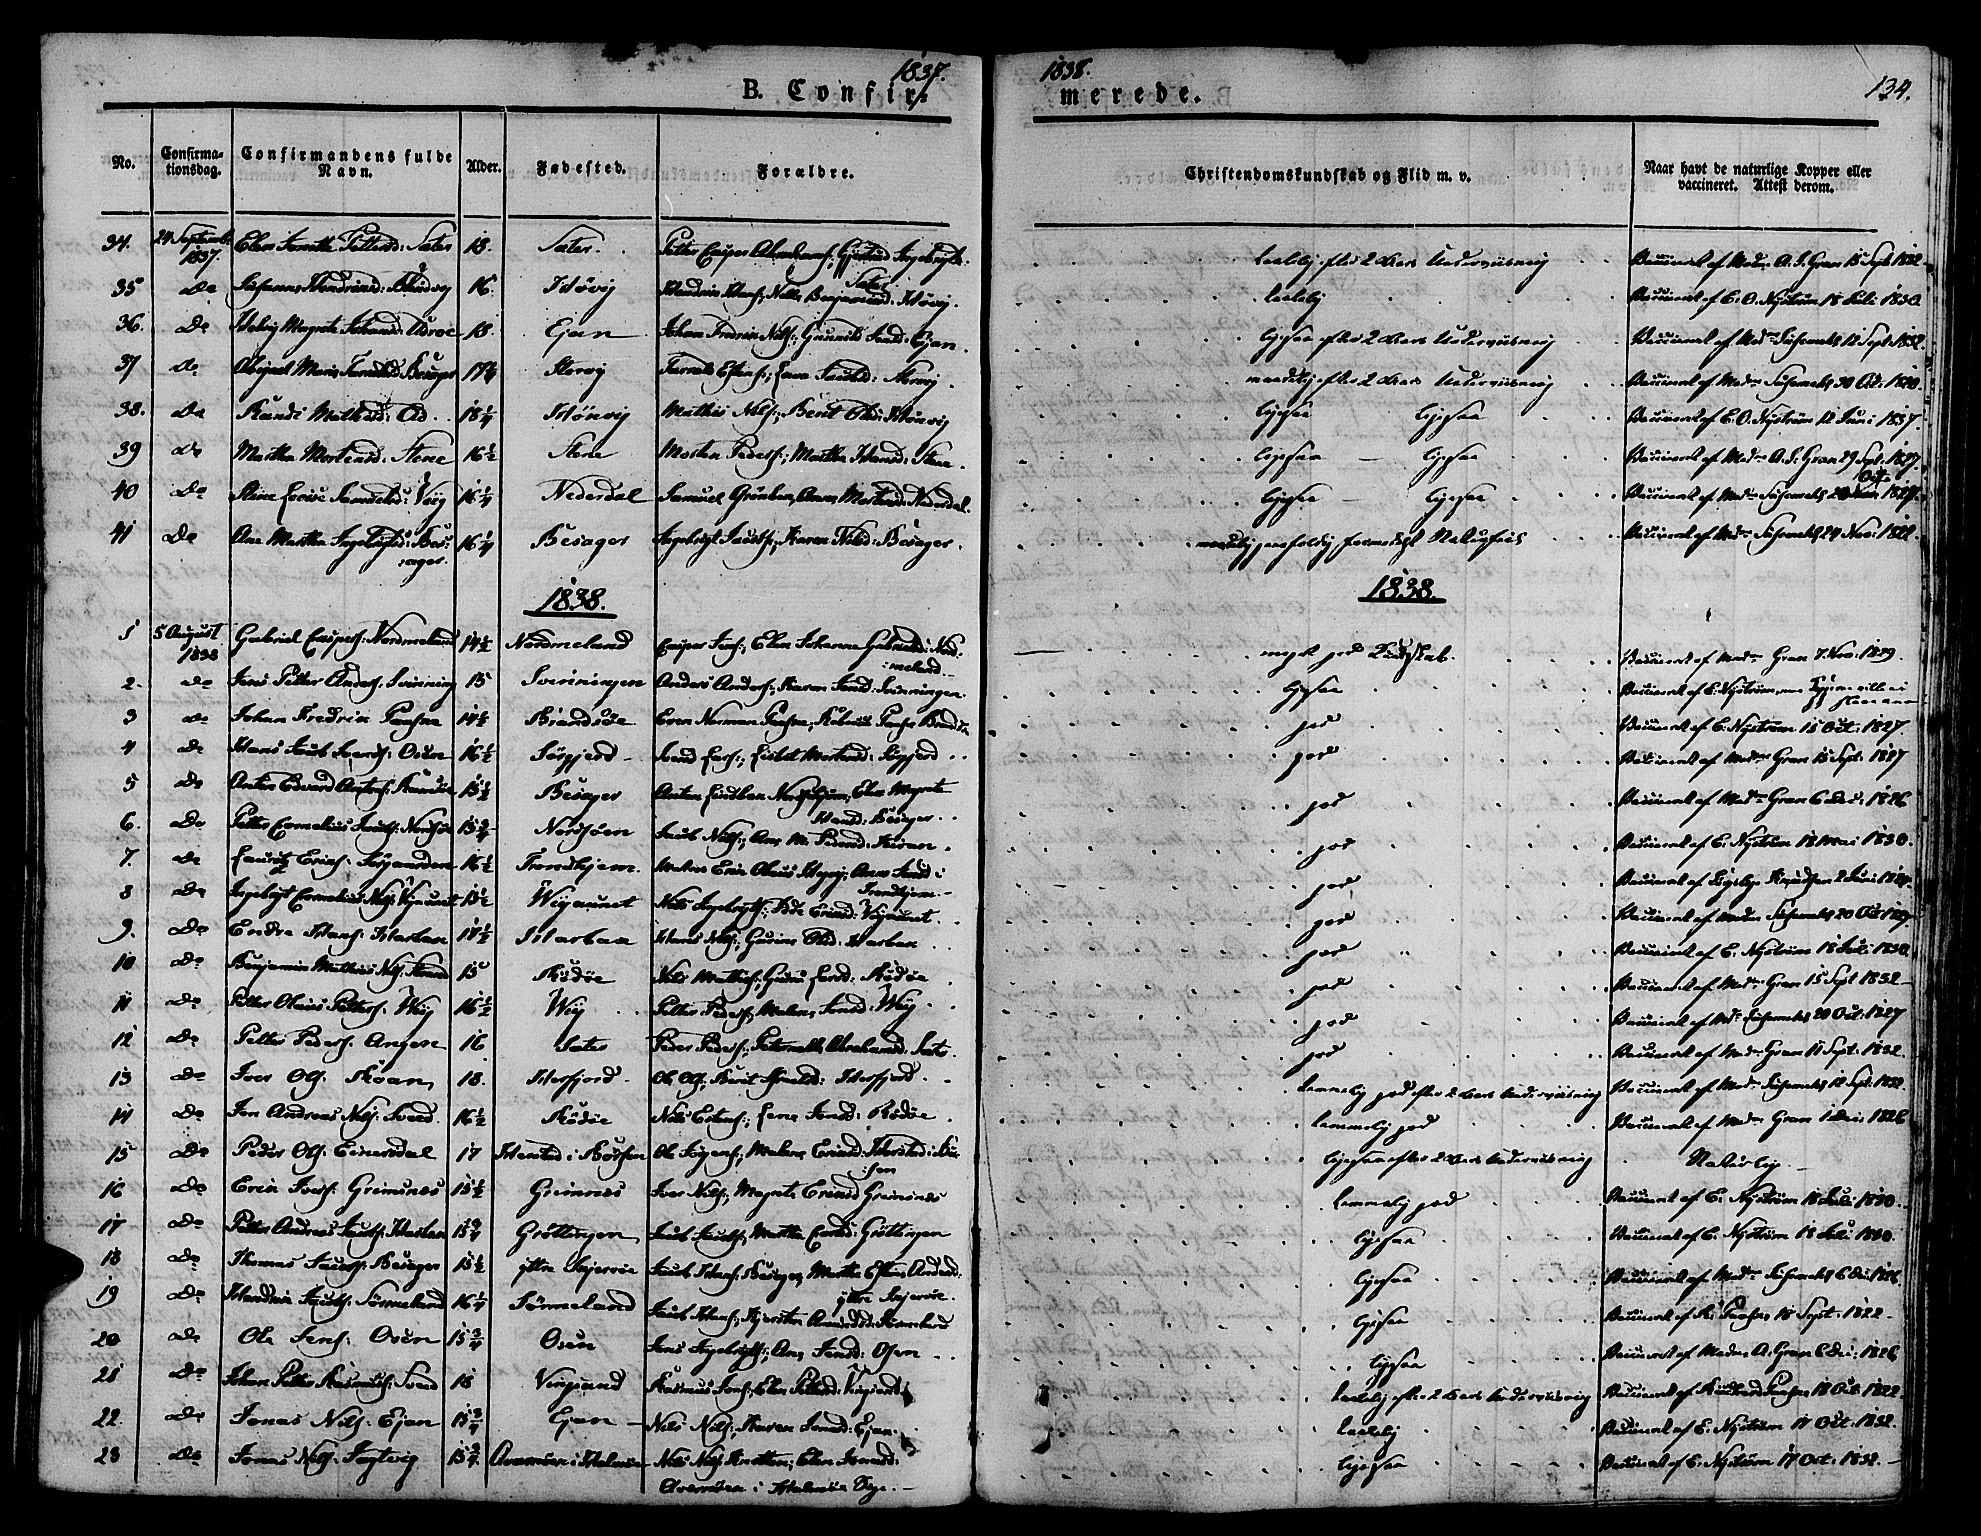 SAT, Ministerialprotokoller, klokkerbøker og fødselsregistre - Sør-Trøndelag, 657/L0703: Ministerialbok nr. 657A04, 1831-1846, s. 134